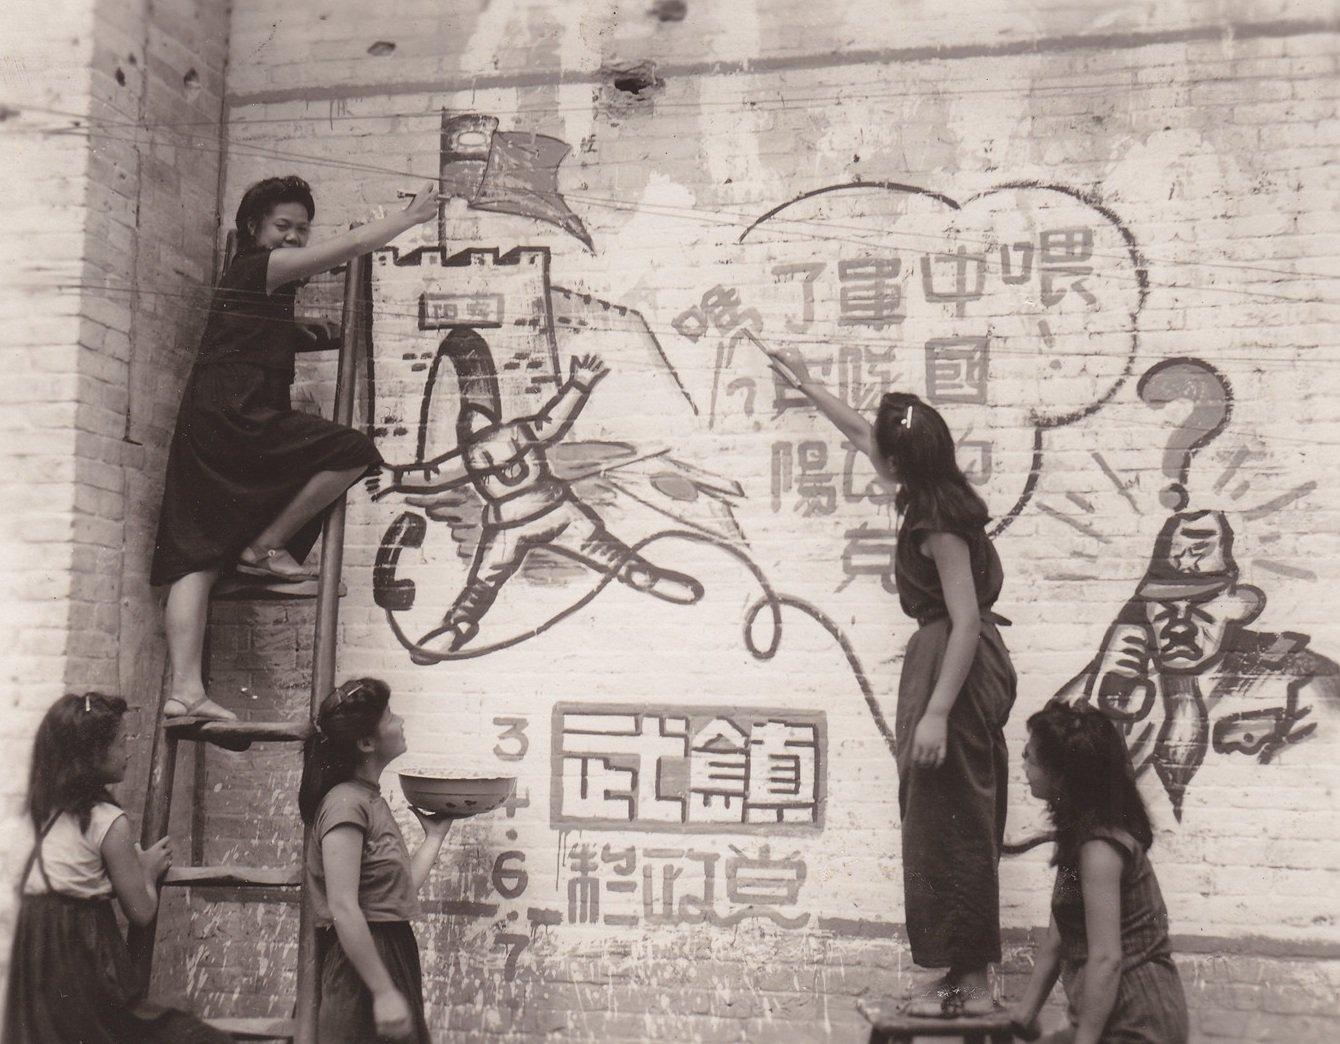 日军从华南地区的城镇撤退后,艺术宣传队就迅速出现并开始在布满弹痕的墙壁上讲述故事。这些宣传队是由年轻男女组成,他们跟随着前进的中国军队向军队和民众开办讲座,以图画的形式讲述中国的胜利,同时兼任新闻宣传员。